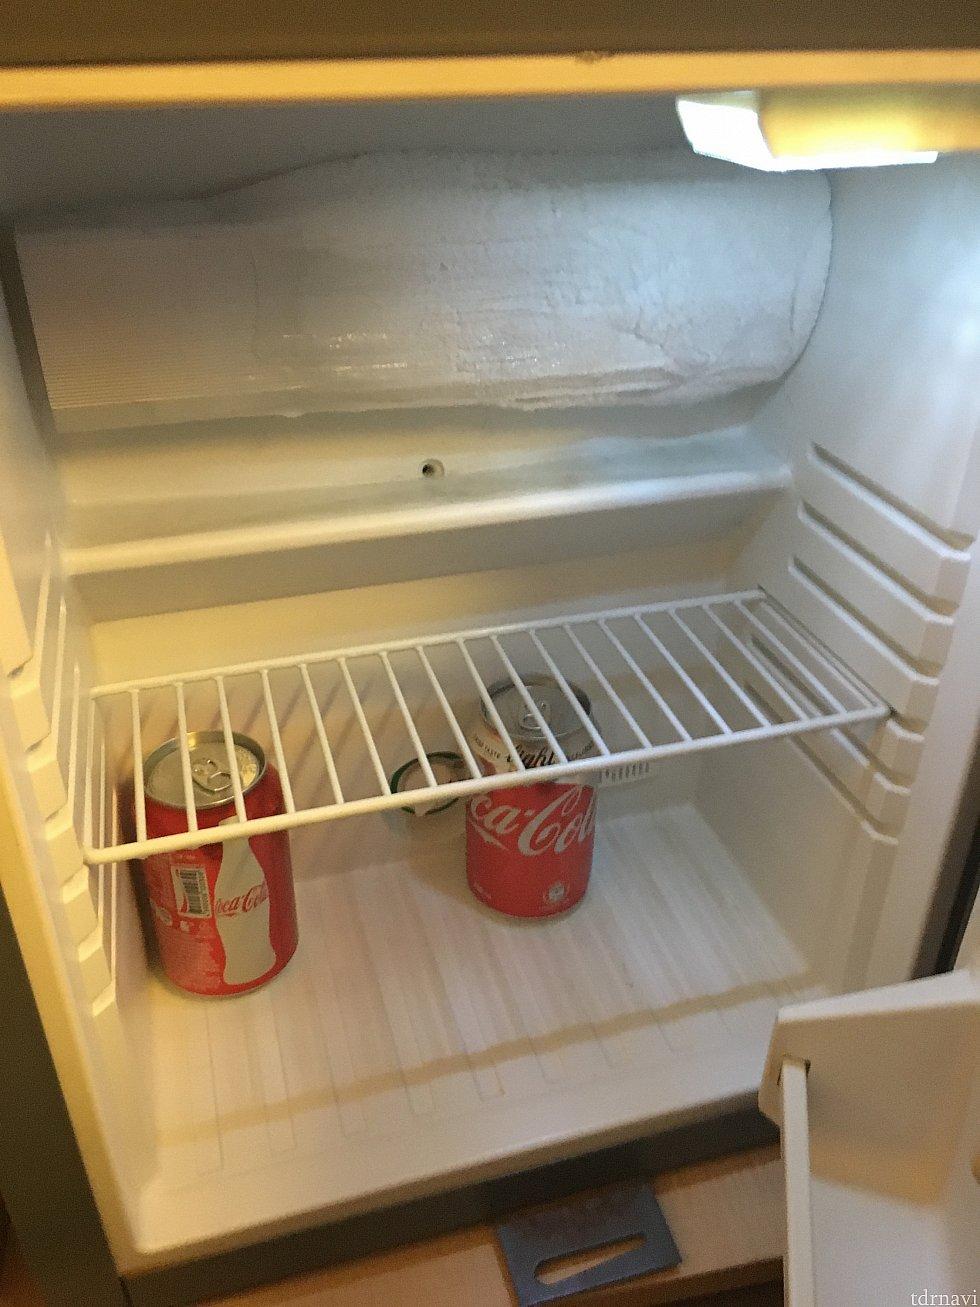 ドリンクコーナーの下は小さな冷蔵庫